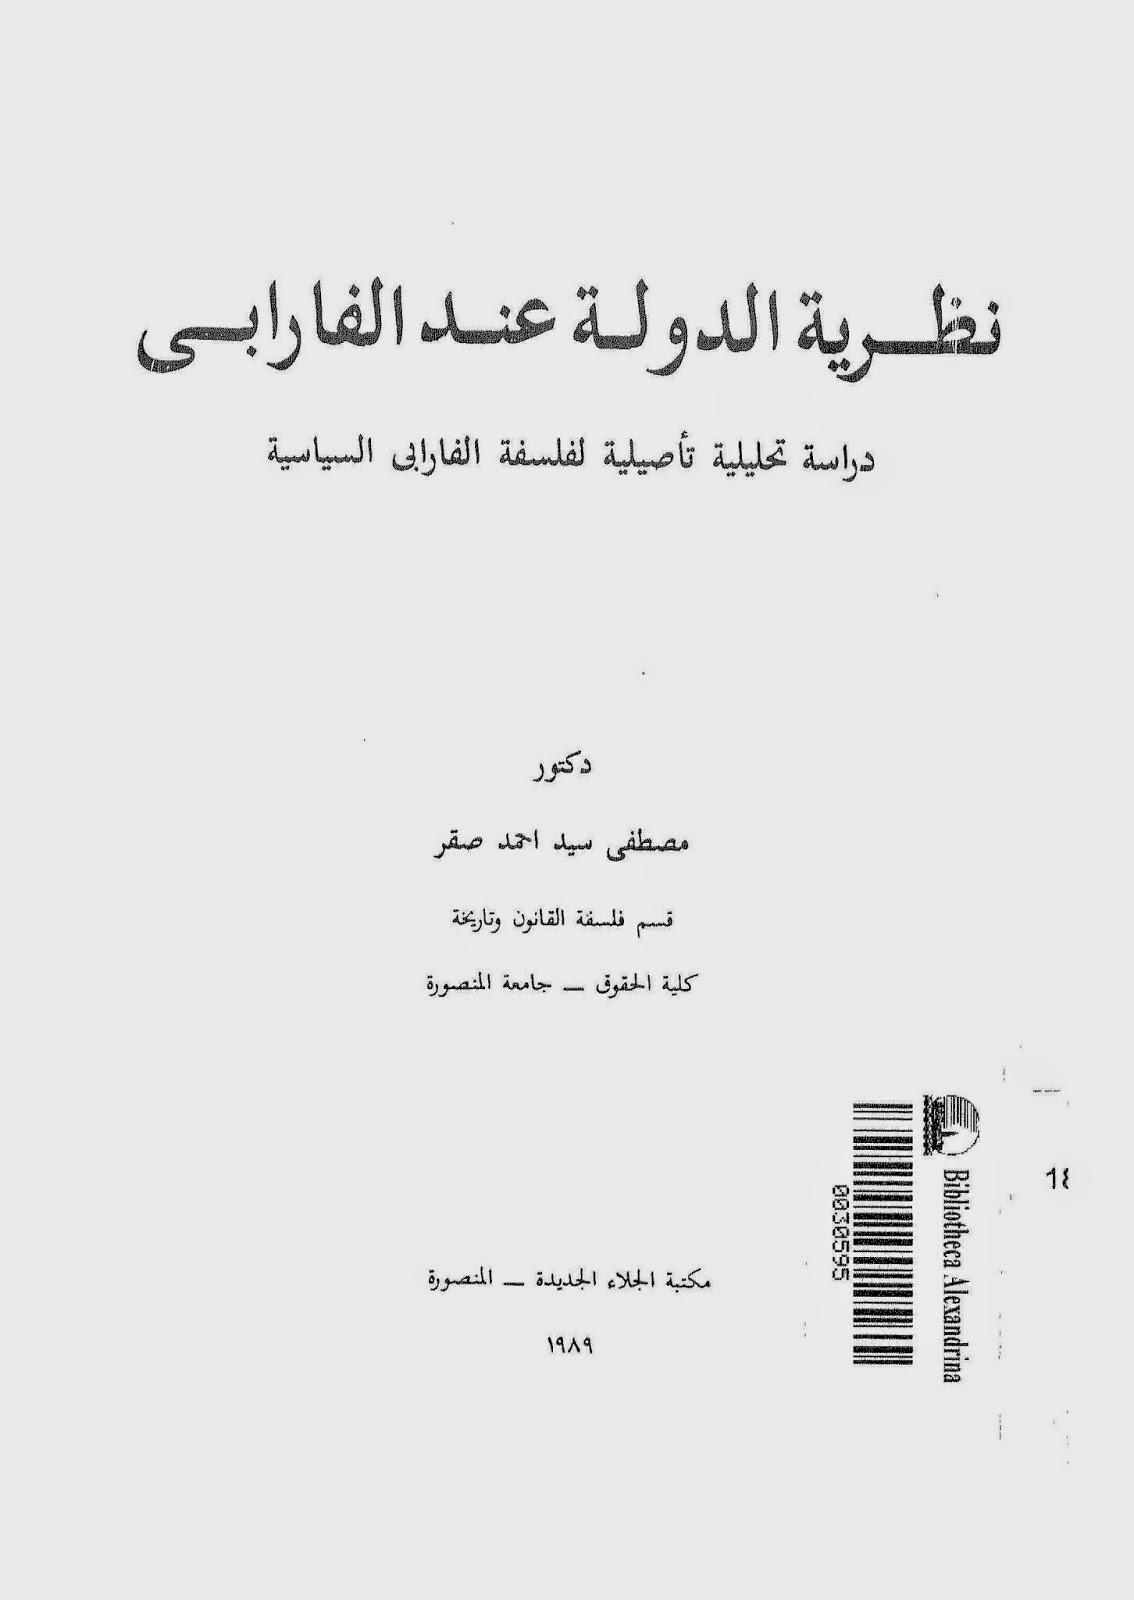 نظرية الدولة عند الفارابي : دراسة تحليلية تأصيلية لفلسفة الفارابي السياسية - مصطفى سيد أحمد صقر